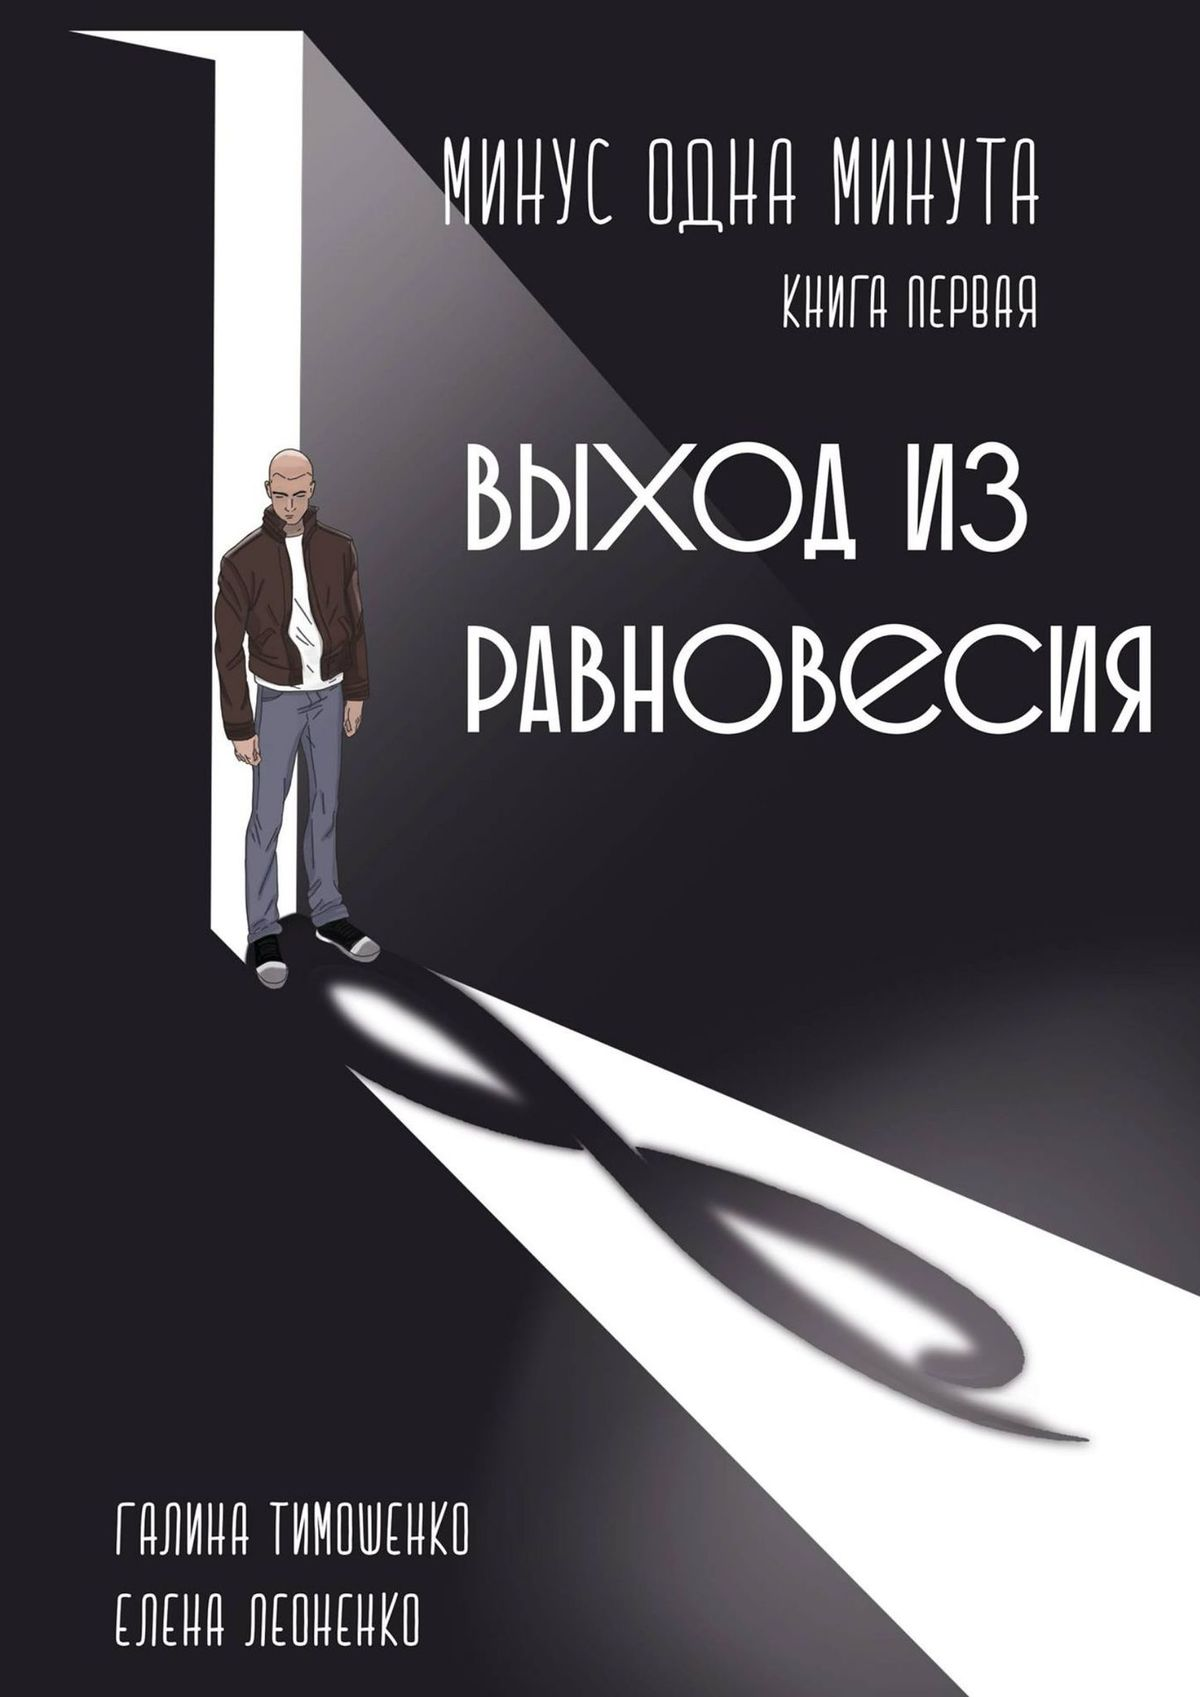 цены Галина Тимошенко Минус одна минута. Книга первая. Выход из равновесия